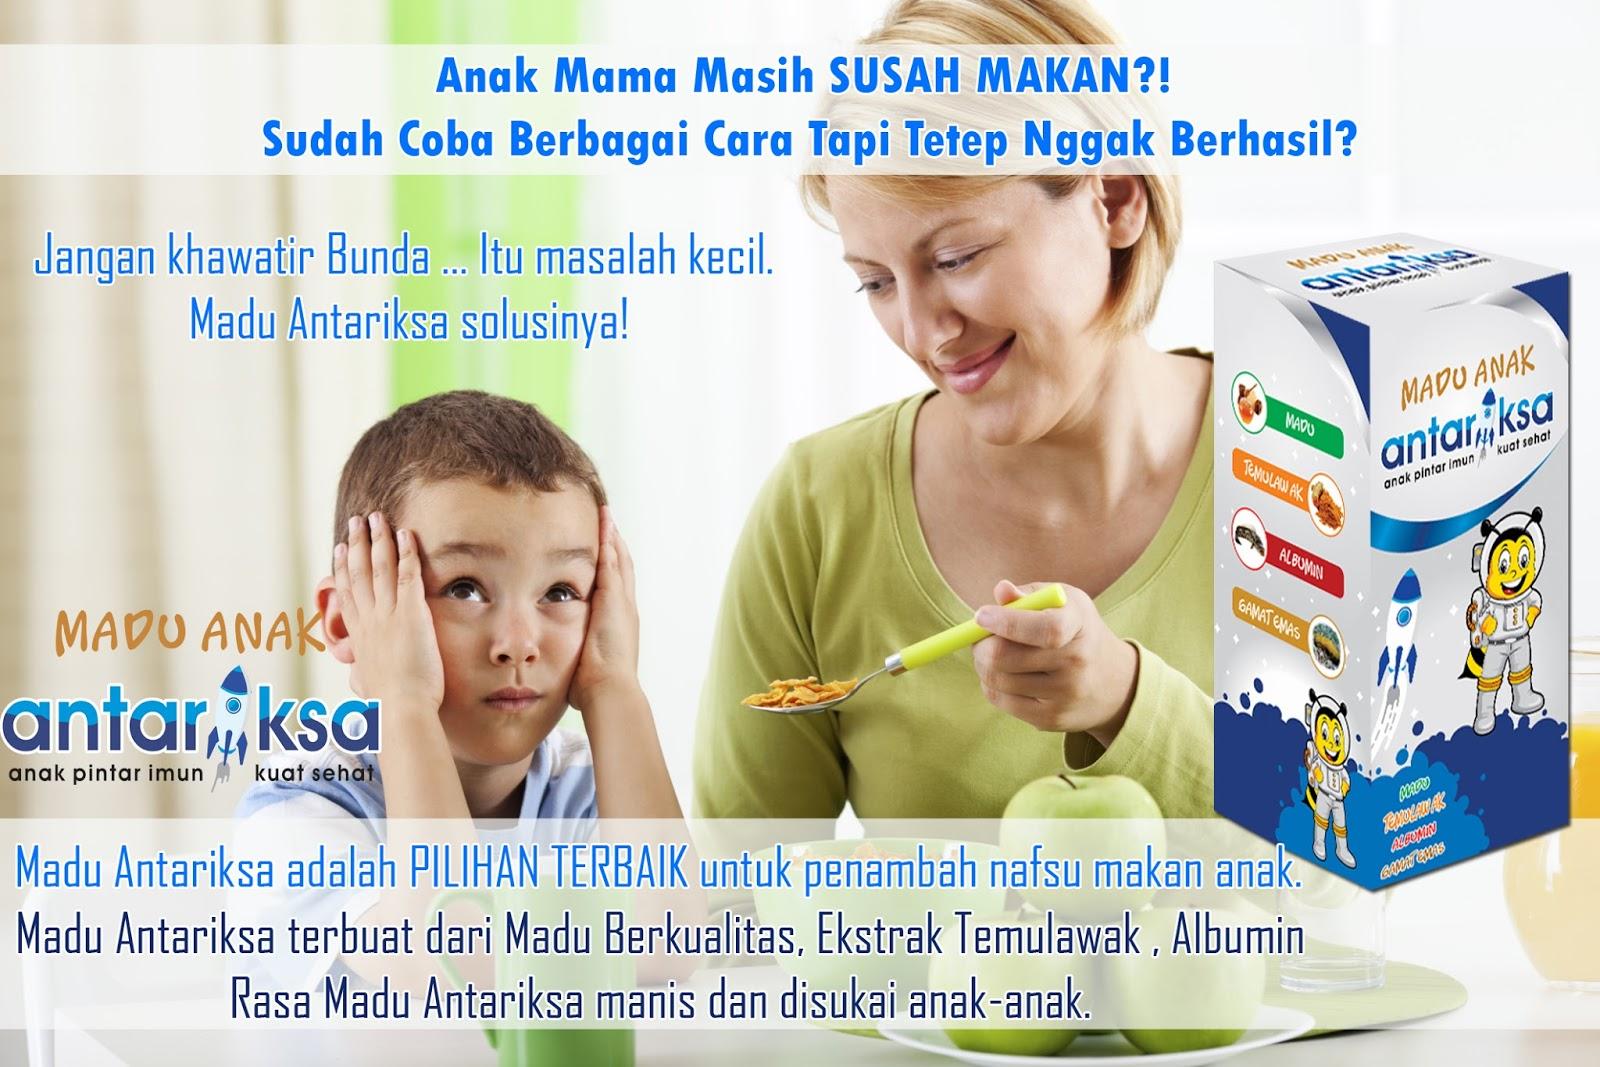 solusi cara mengatasi anak susah makan